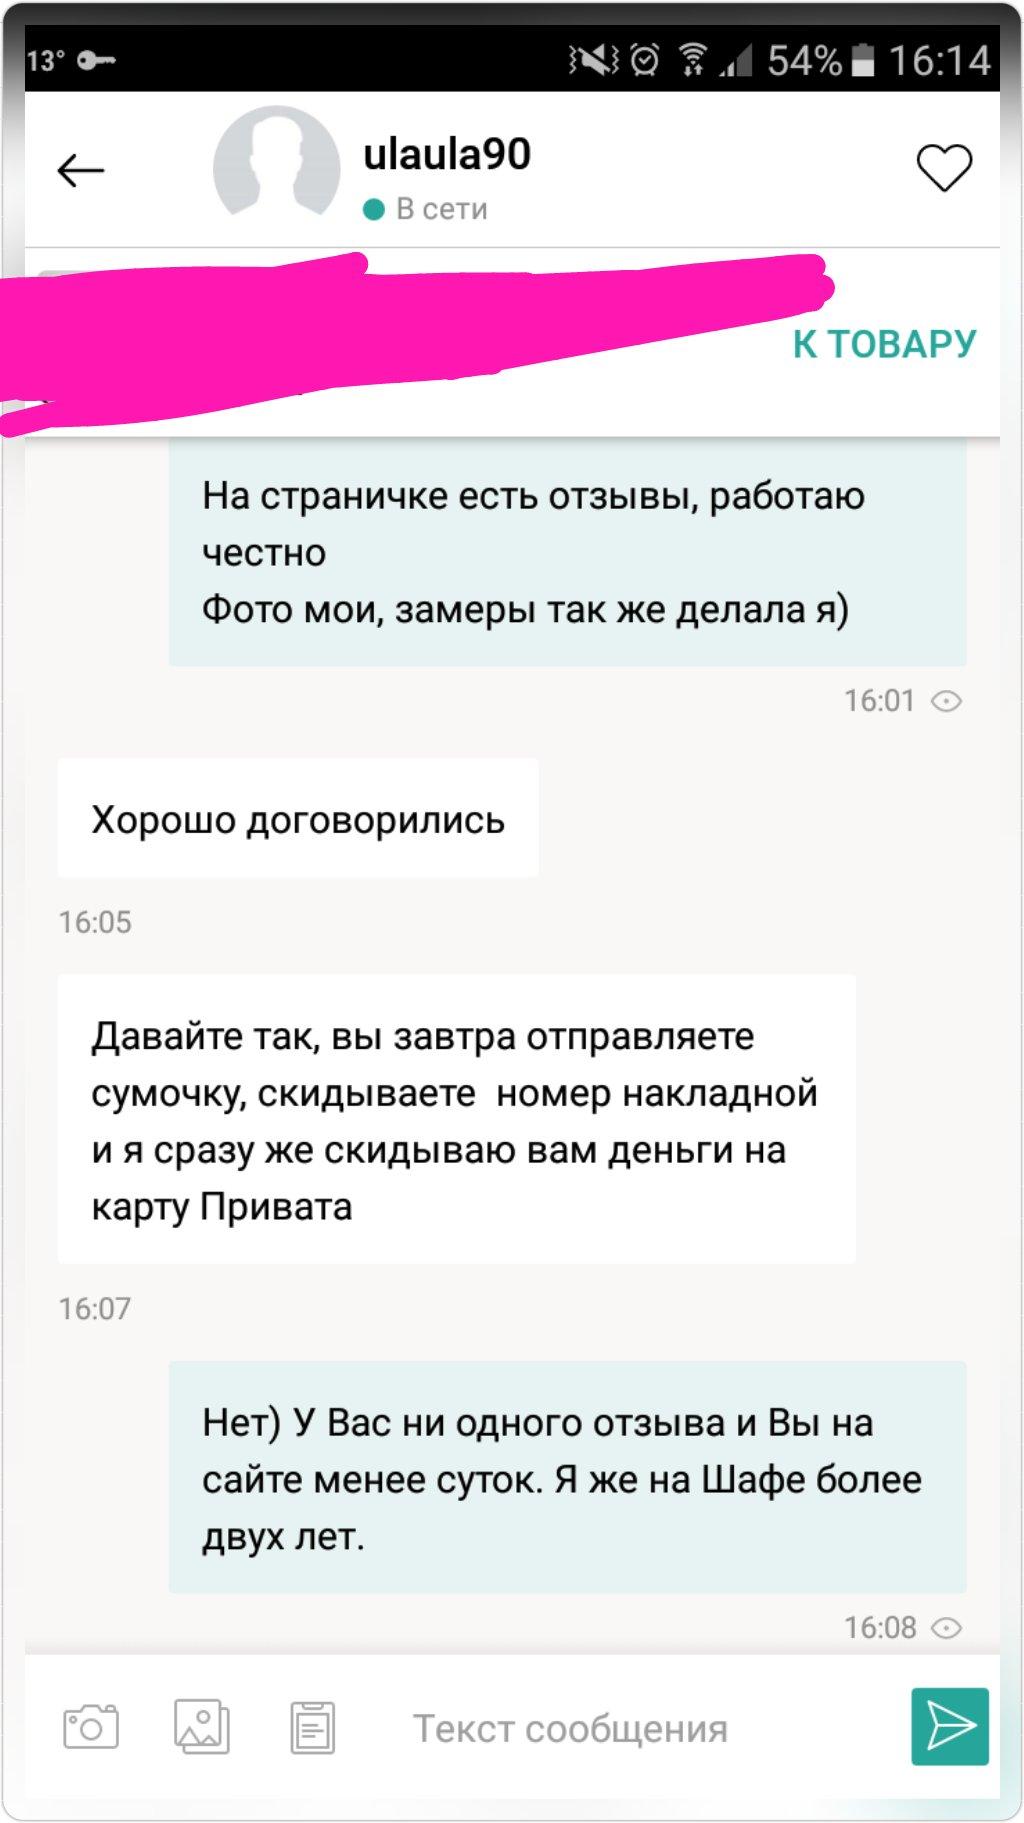 Шафа (shafa.ua) - Покупатели-мошенники или кто это?